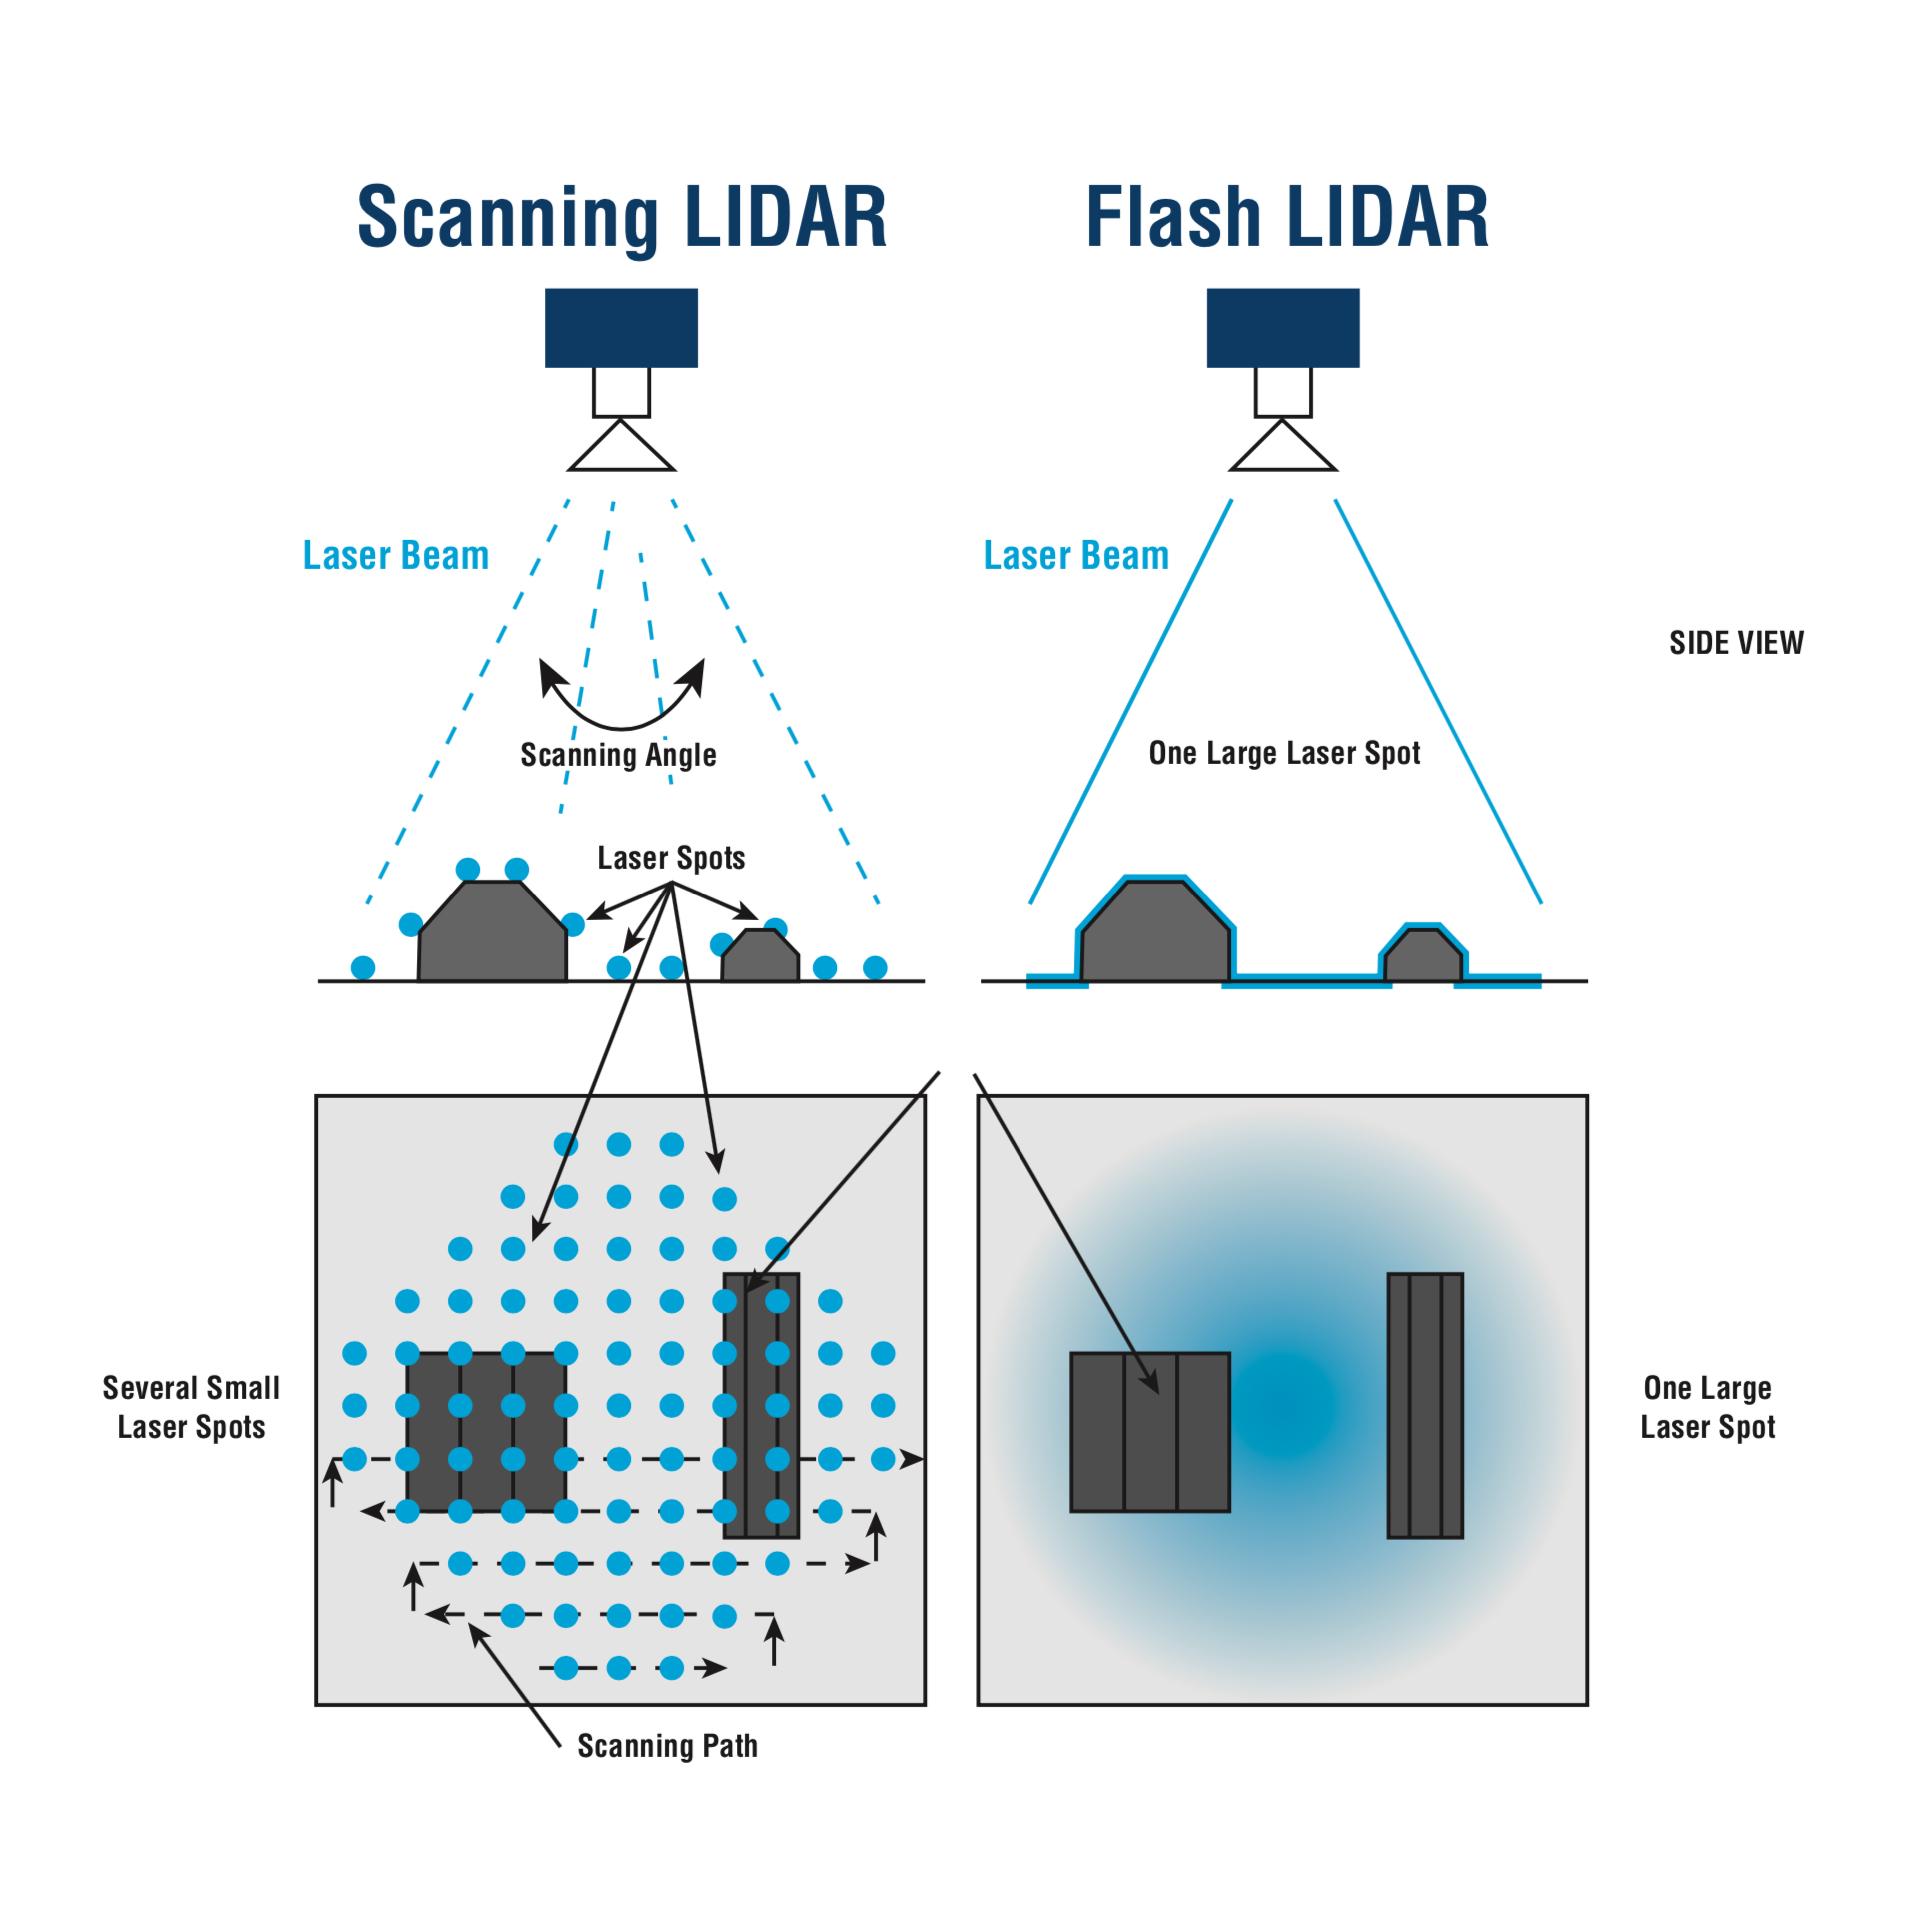 https://asc3d.com/wp-content/uploads/2020/01/Flash-LIDAR-Diagram.jpg